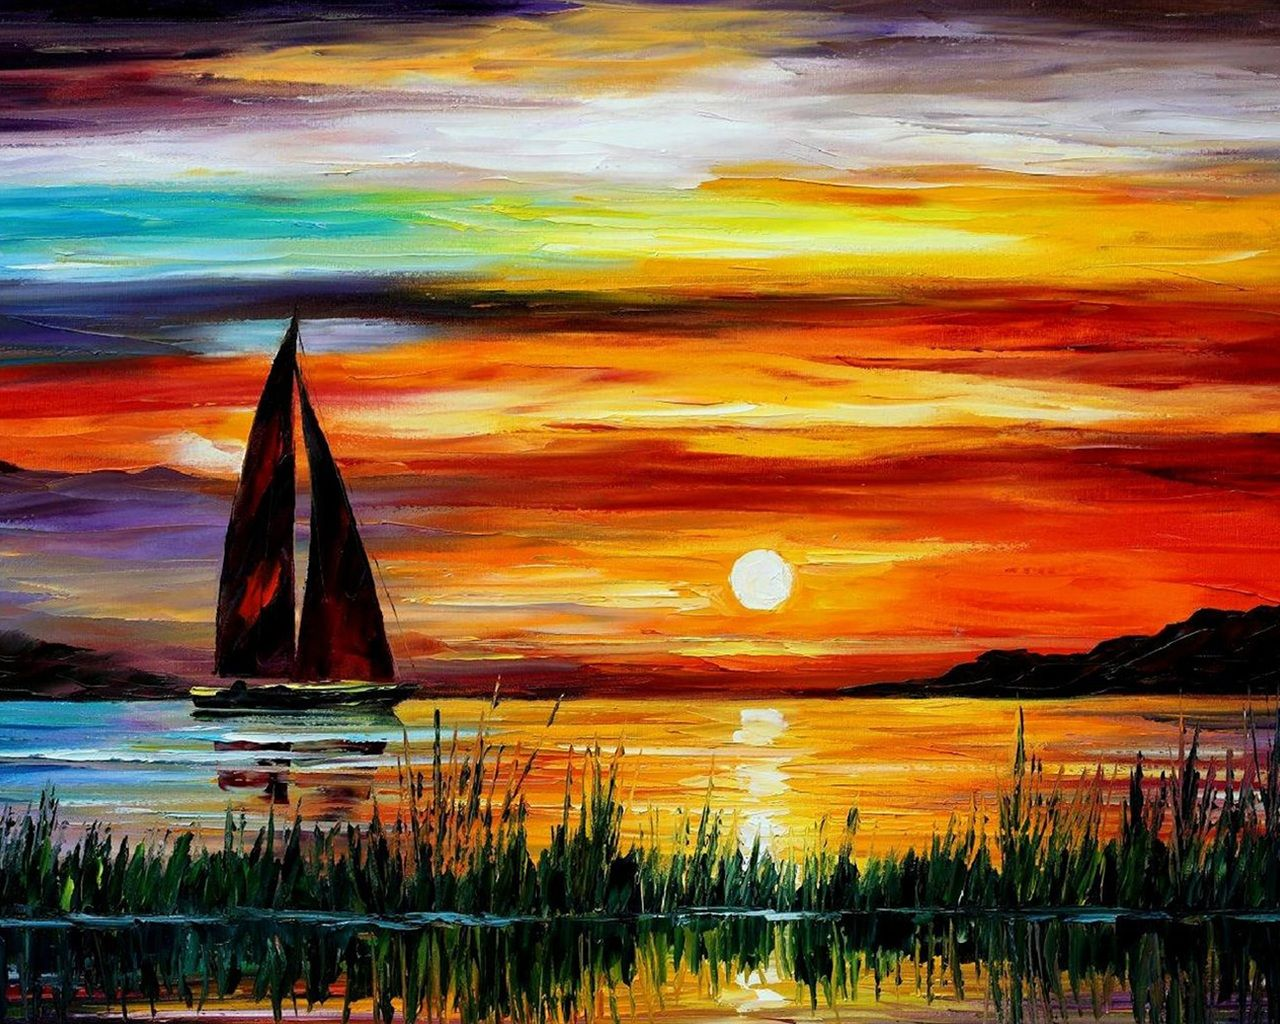 exquise peinture coucher de soleil mer bateau fonds d 39 cran coucher de soleil pinterest. Black Bedroom Furniture Sets. Home Design Ideas